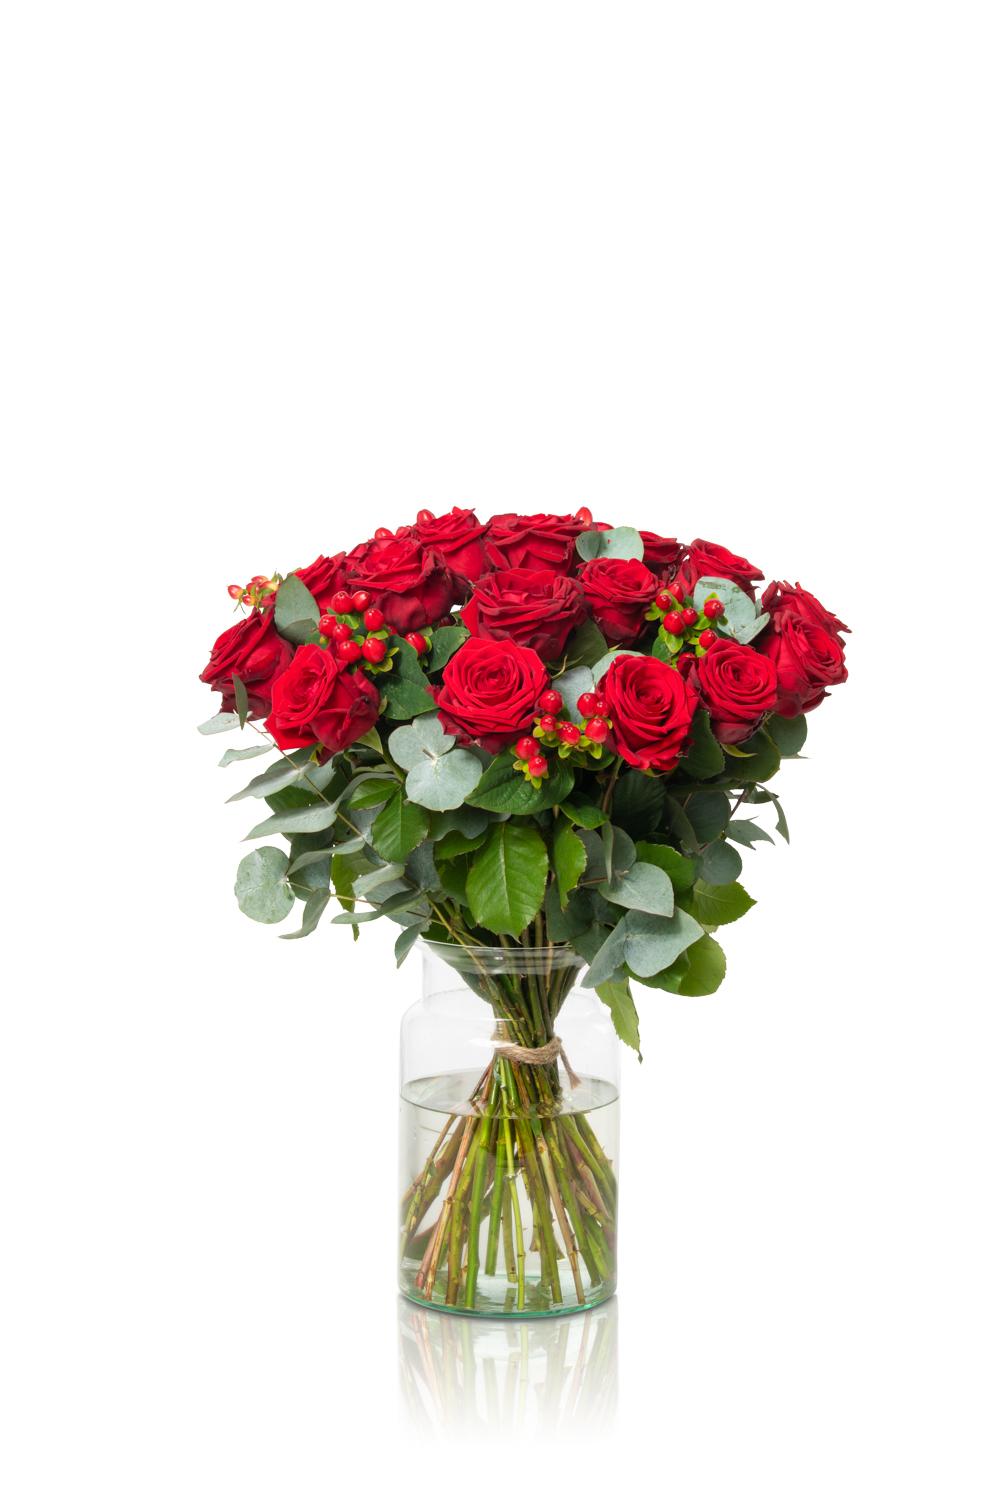 Fotograaf-Productfotografie-voor-webshop-bloemen